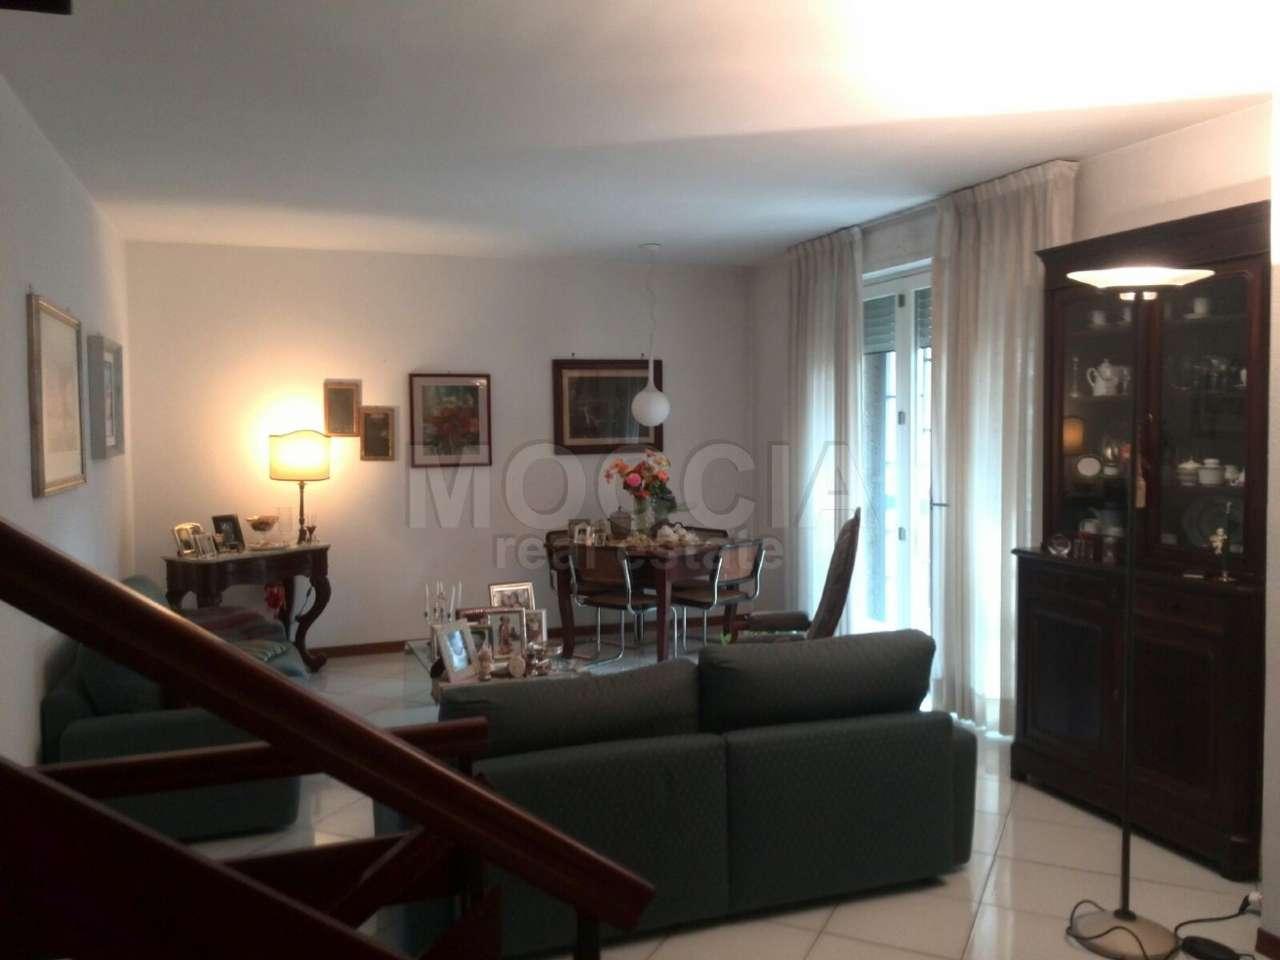 Appartamento in vendita a Caserta, 6 locali, prezzo € 330.000 | Cambio Casa.it